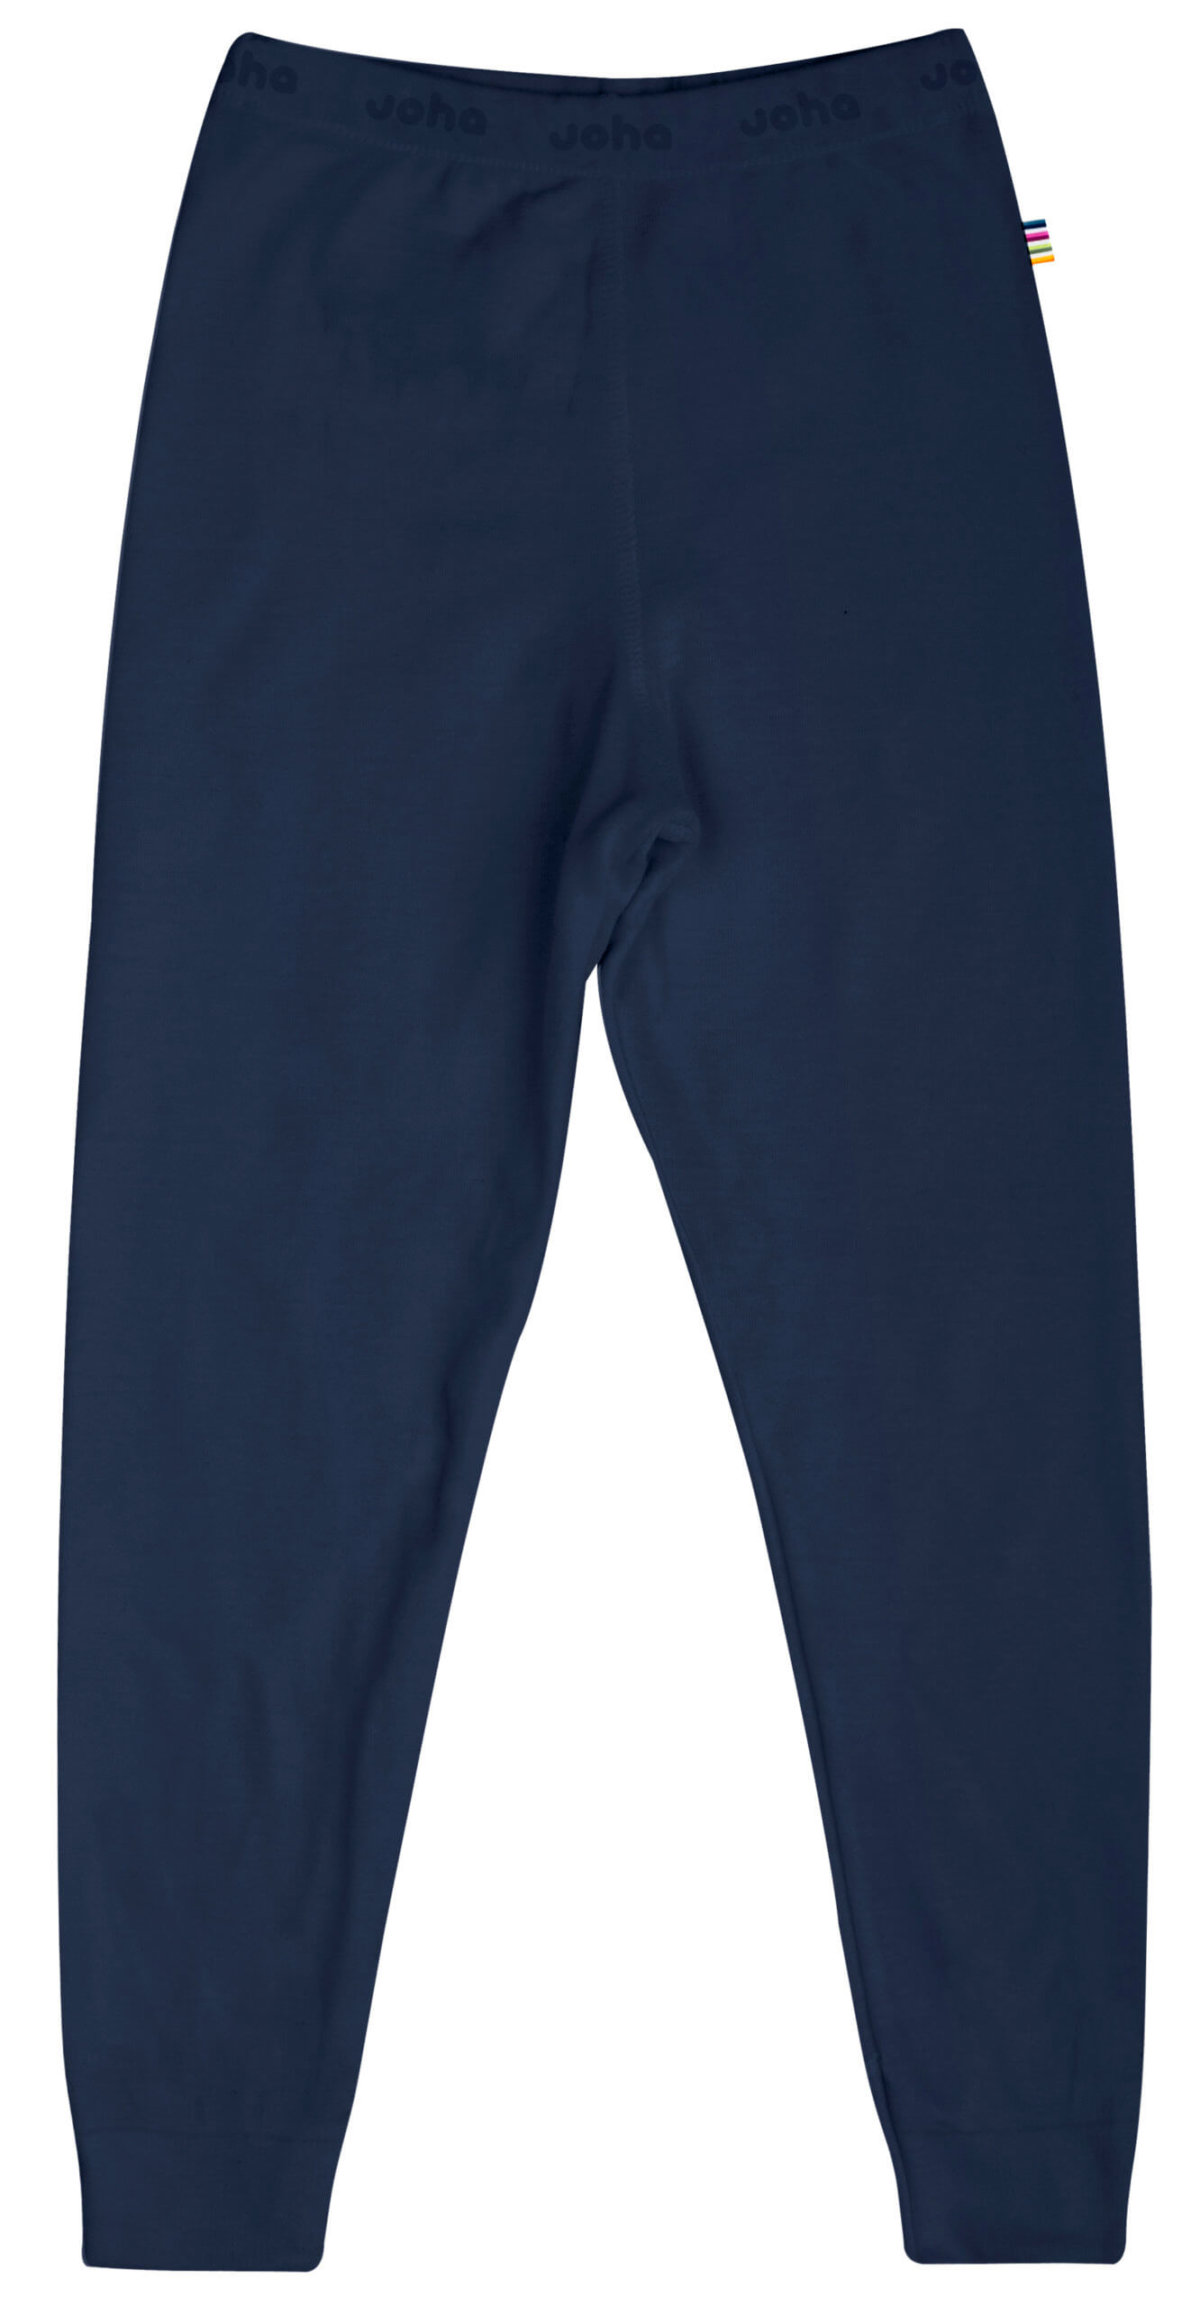 Joha økologisk bambus pyjamasbukser i mørkeblå